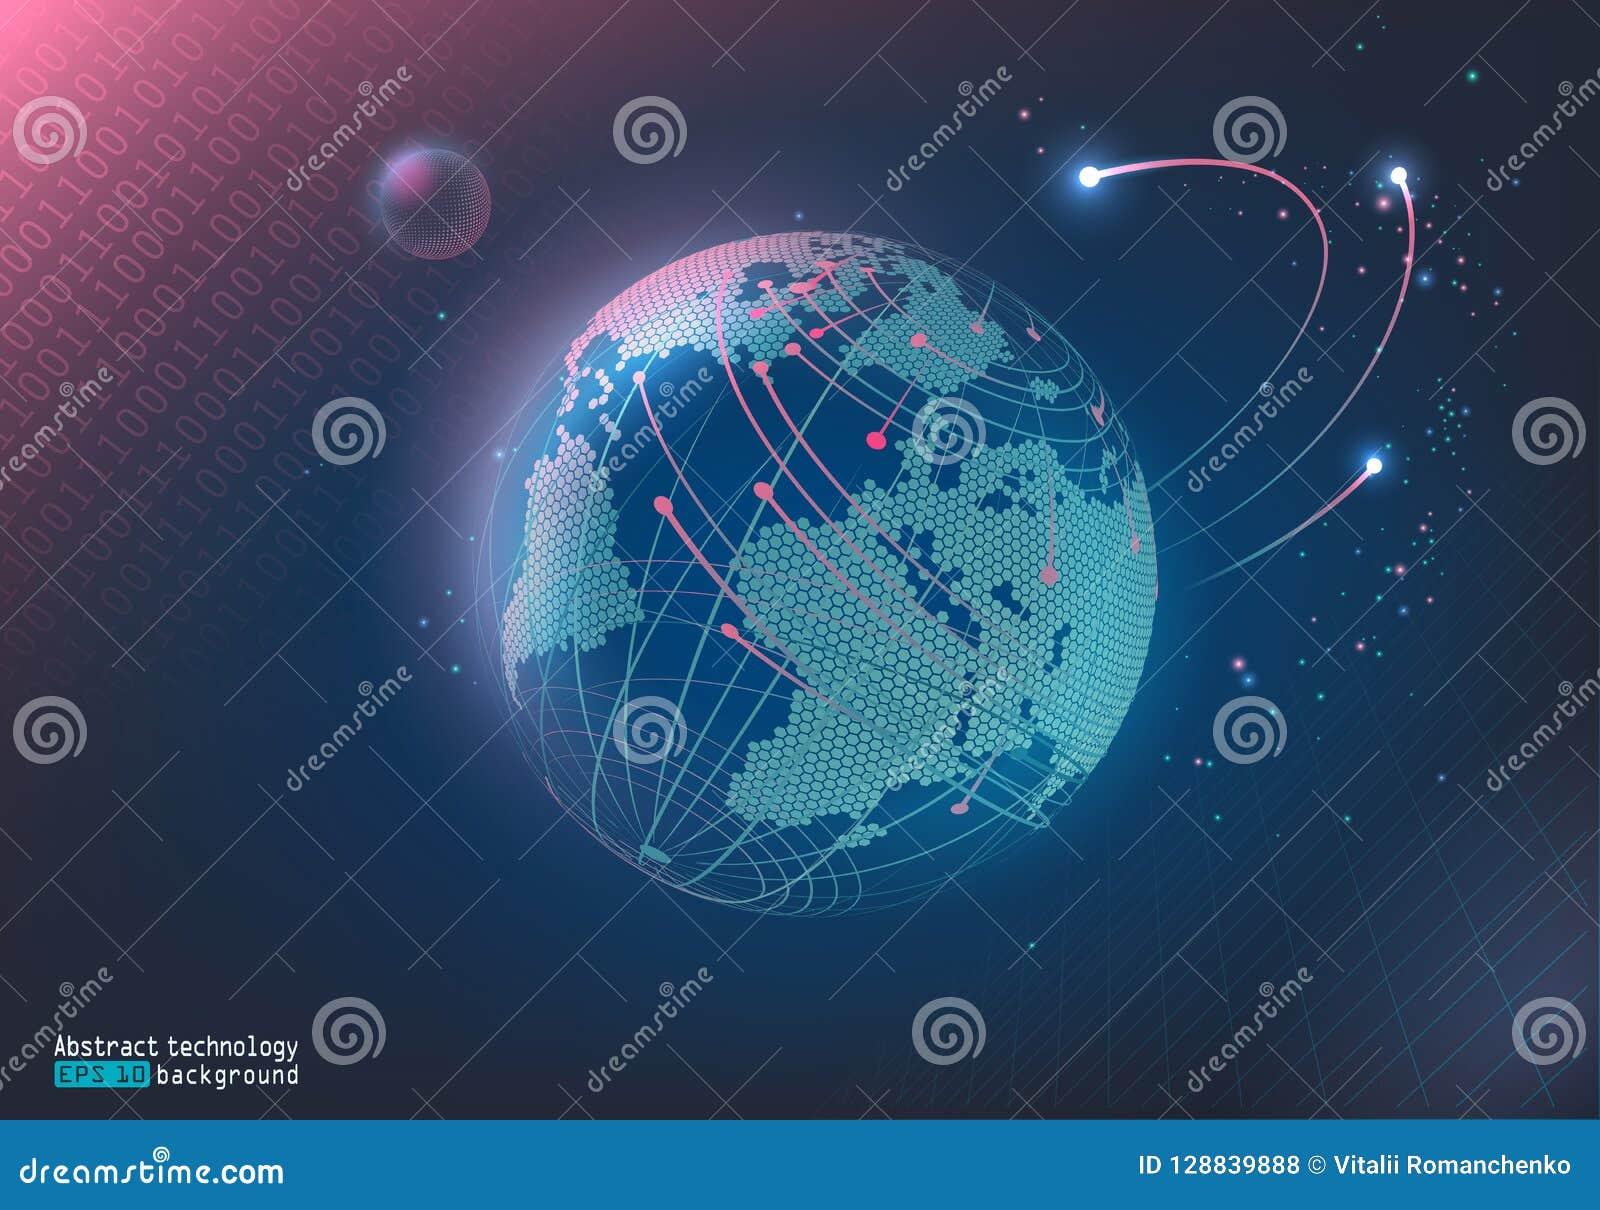 Abstrakt bild av punkter och linjer Digital utrymme Planetjord och månen Kommunikation internet background card congratulation in